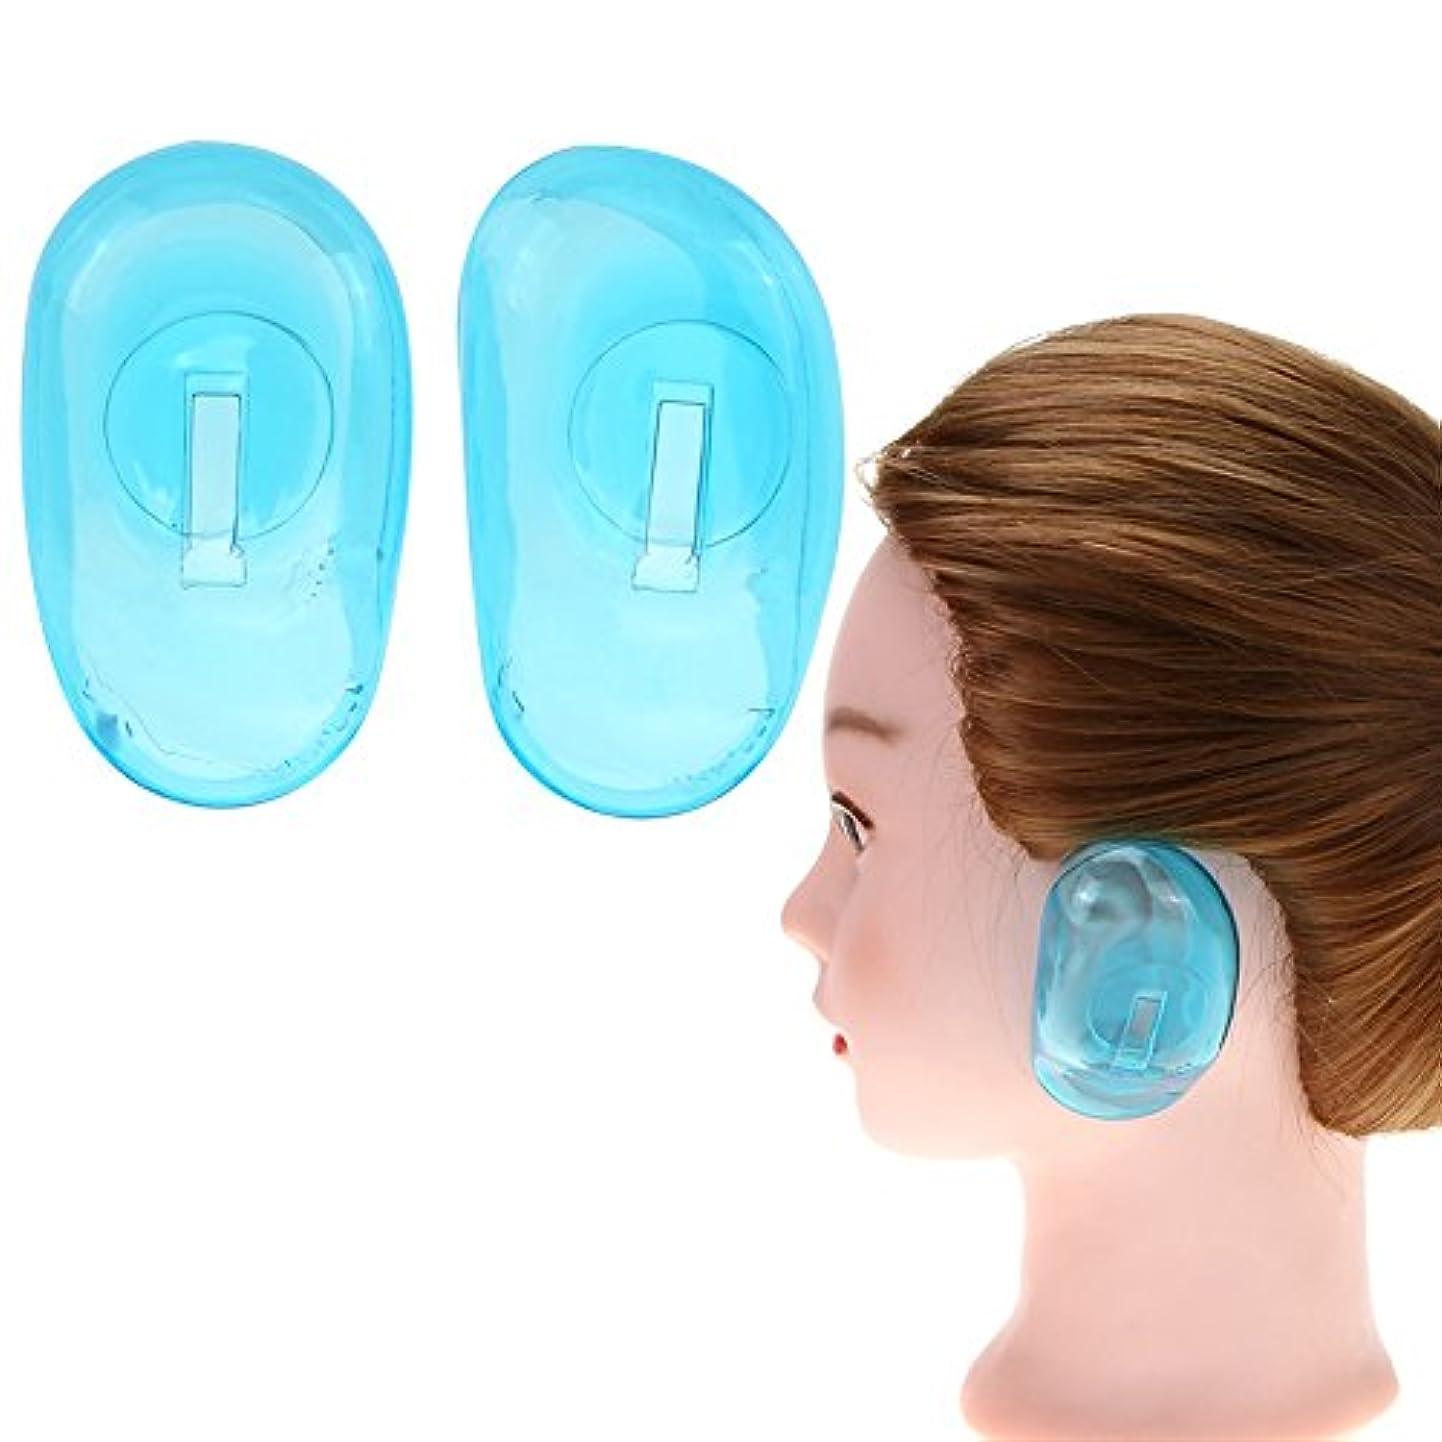 クラウン病弱パリティRuier-tong 5ペア耳カバー 毛染め用 シリコン製 耳キャップ 柔らかいイヤーキャップ ヘアカラー シャワー 耳保護 ヘアケアツール サロン 洗える 繰り返す使用可能 エコ 8.5x5cm